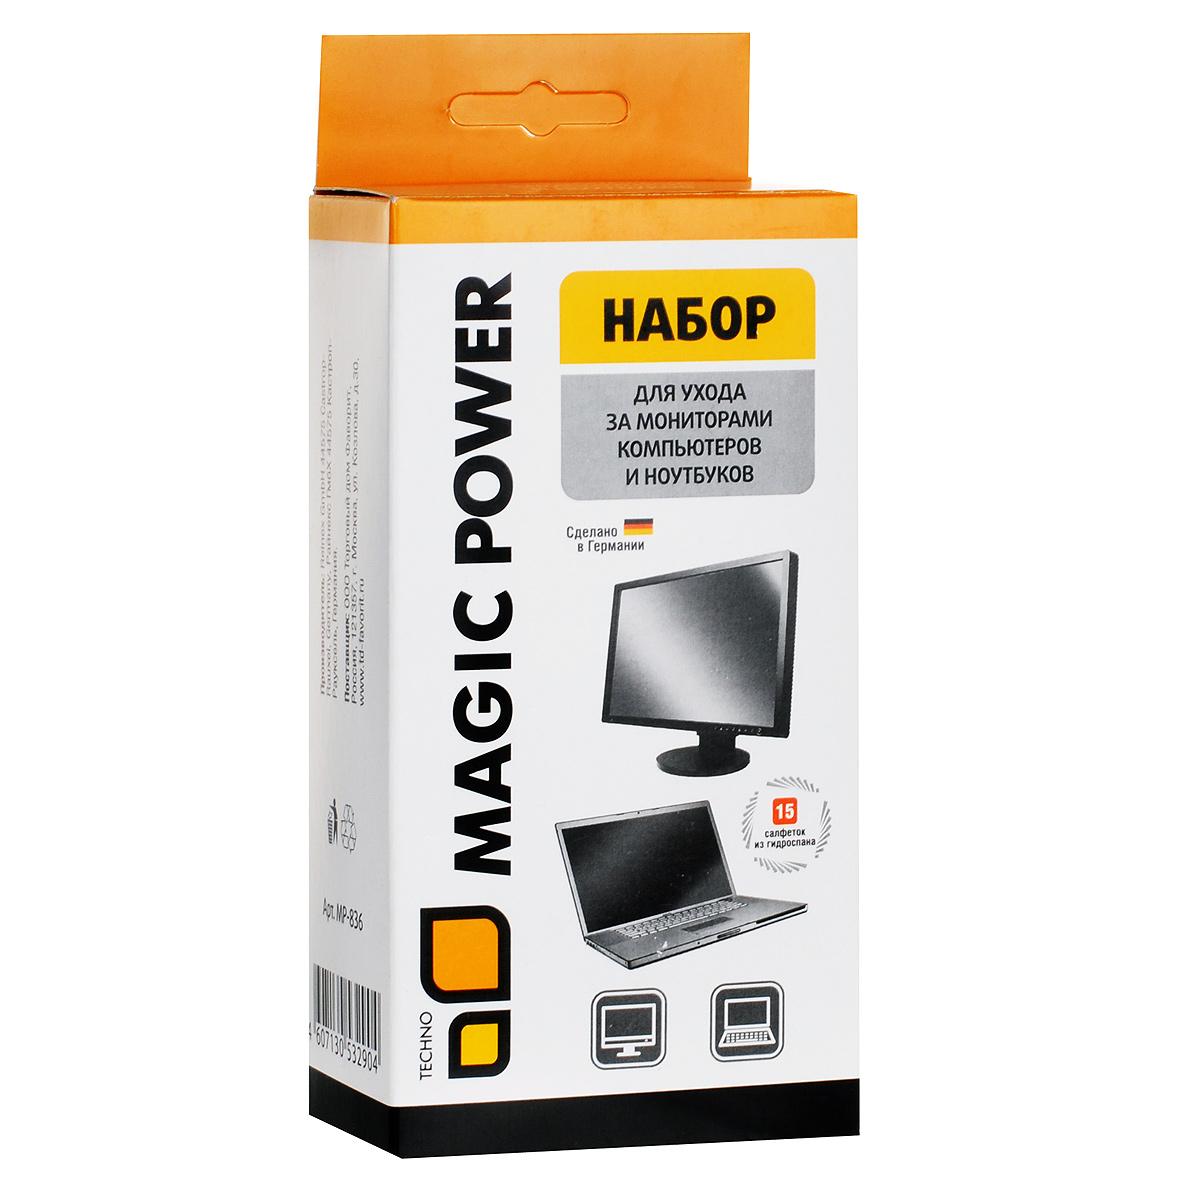 Набор для ухода за мониторами компьютеров и ноутбуков Magic Power Techno, 2 предметаMP-836Набор для ухода за мониторами компьютеров и ноутбуков Magic Power Techno включает специальный очиститель и 15 салфеток из гидроспана. Очиститель предназначен для очистки и антистатической обработки экранов мониторов компьютеров и ноутбуков, LCD и TFT экранов, жидкокристаллических дисплеев, защитных фильтров, стеклянных деталей копировальных аппаратов, сканеров и сенсорных экранов. Эффективно удаляет любые загрязнения: пыль, жирные пятна, никотиновую пленку, следы от пальцев и другие специфические загрязнения. Не повреждает антибликовое покрытие. Экономичен в использовании. Сухие салфетки предназначены для эффективной и бережной очистки. Прекрасно впитывают влагу и удаляют загрязнения, не оставляя разводов и ворсинок. Обладают повышенной износостойкостью. Состав средства: Объем: 100 мл. Состав салфетки: безворсовый материал на основе бесклеевого волокна из вискозы и полиэфиров. Размер салфетки: 15 см х 11,5 см. Товар сертифицирован.